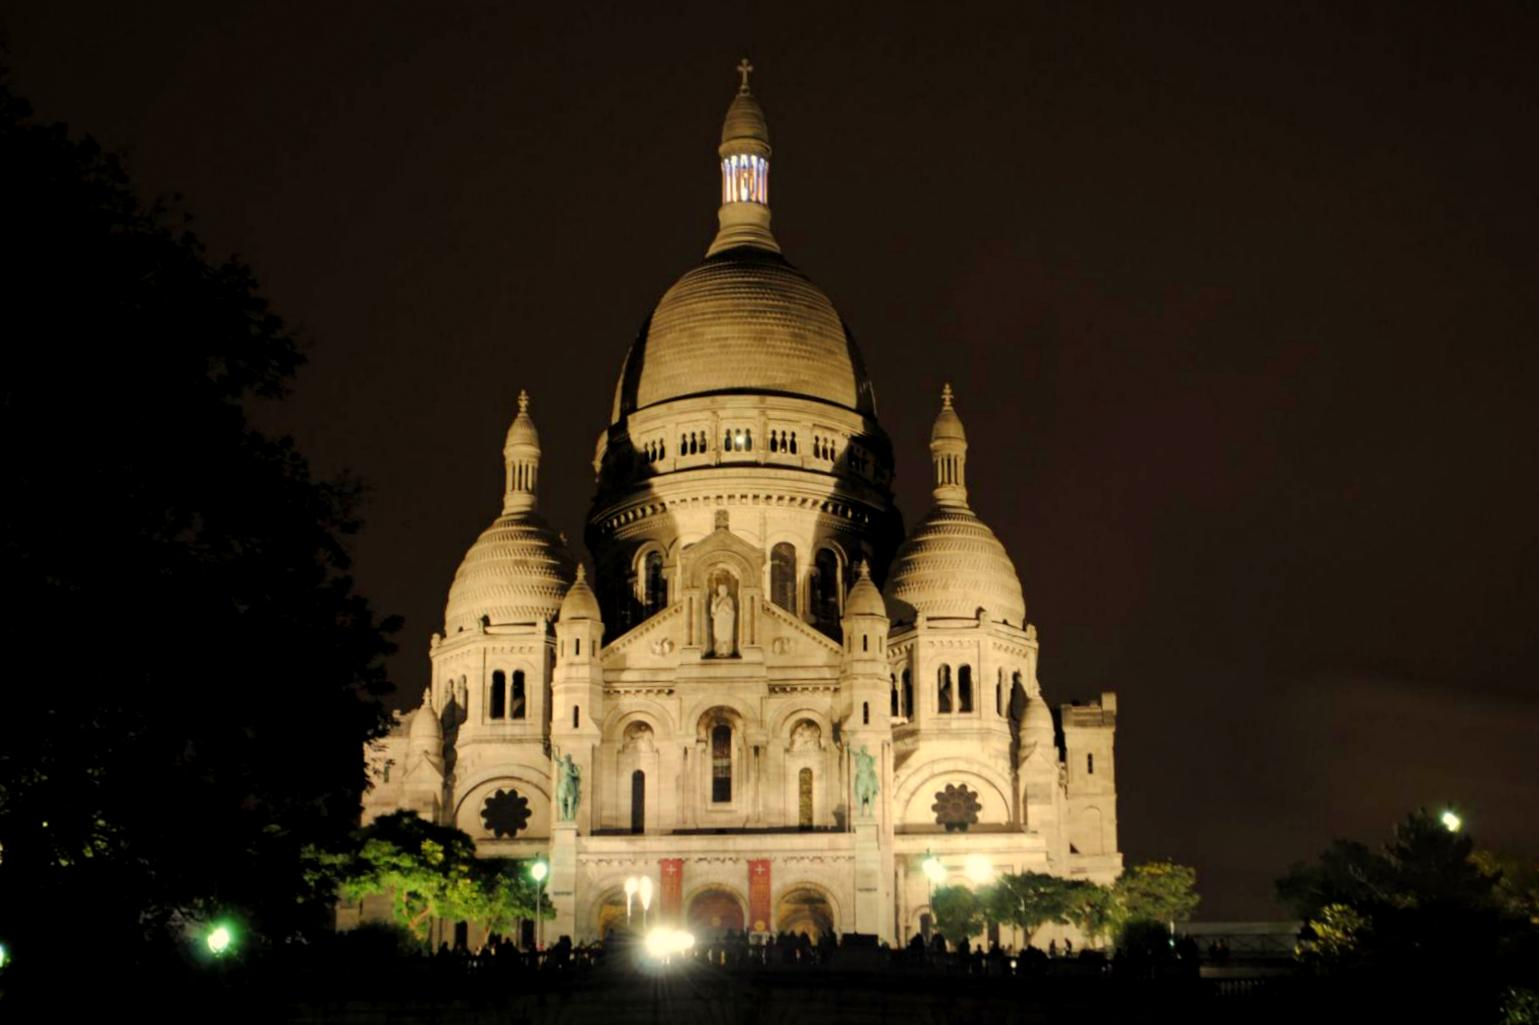 París Sacré Coeur (La basílica del Sagrado Corazón de Montmartre)